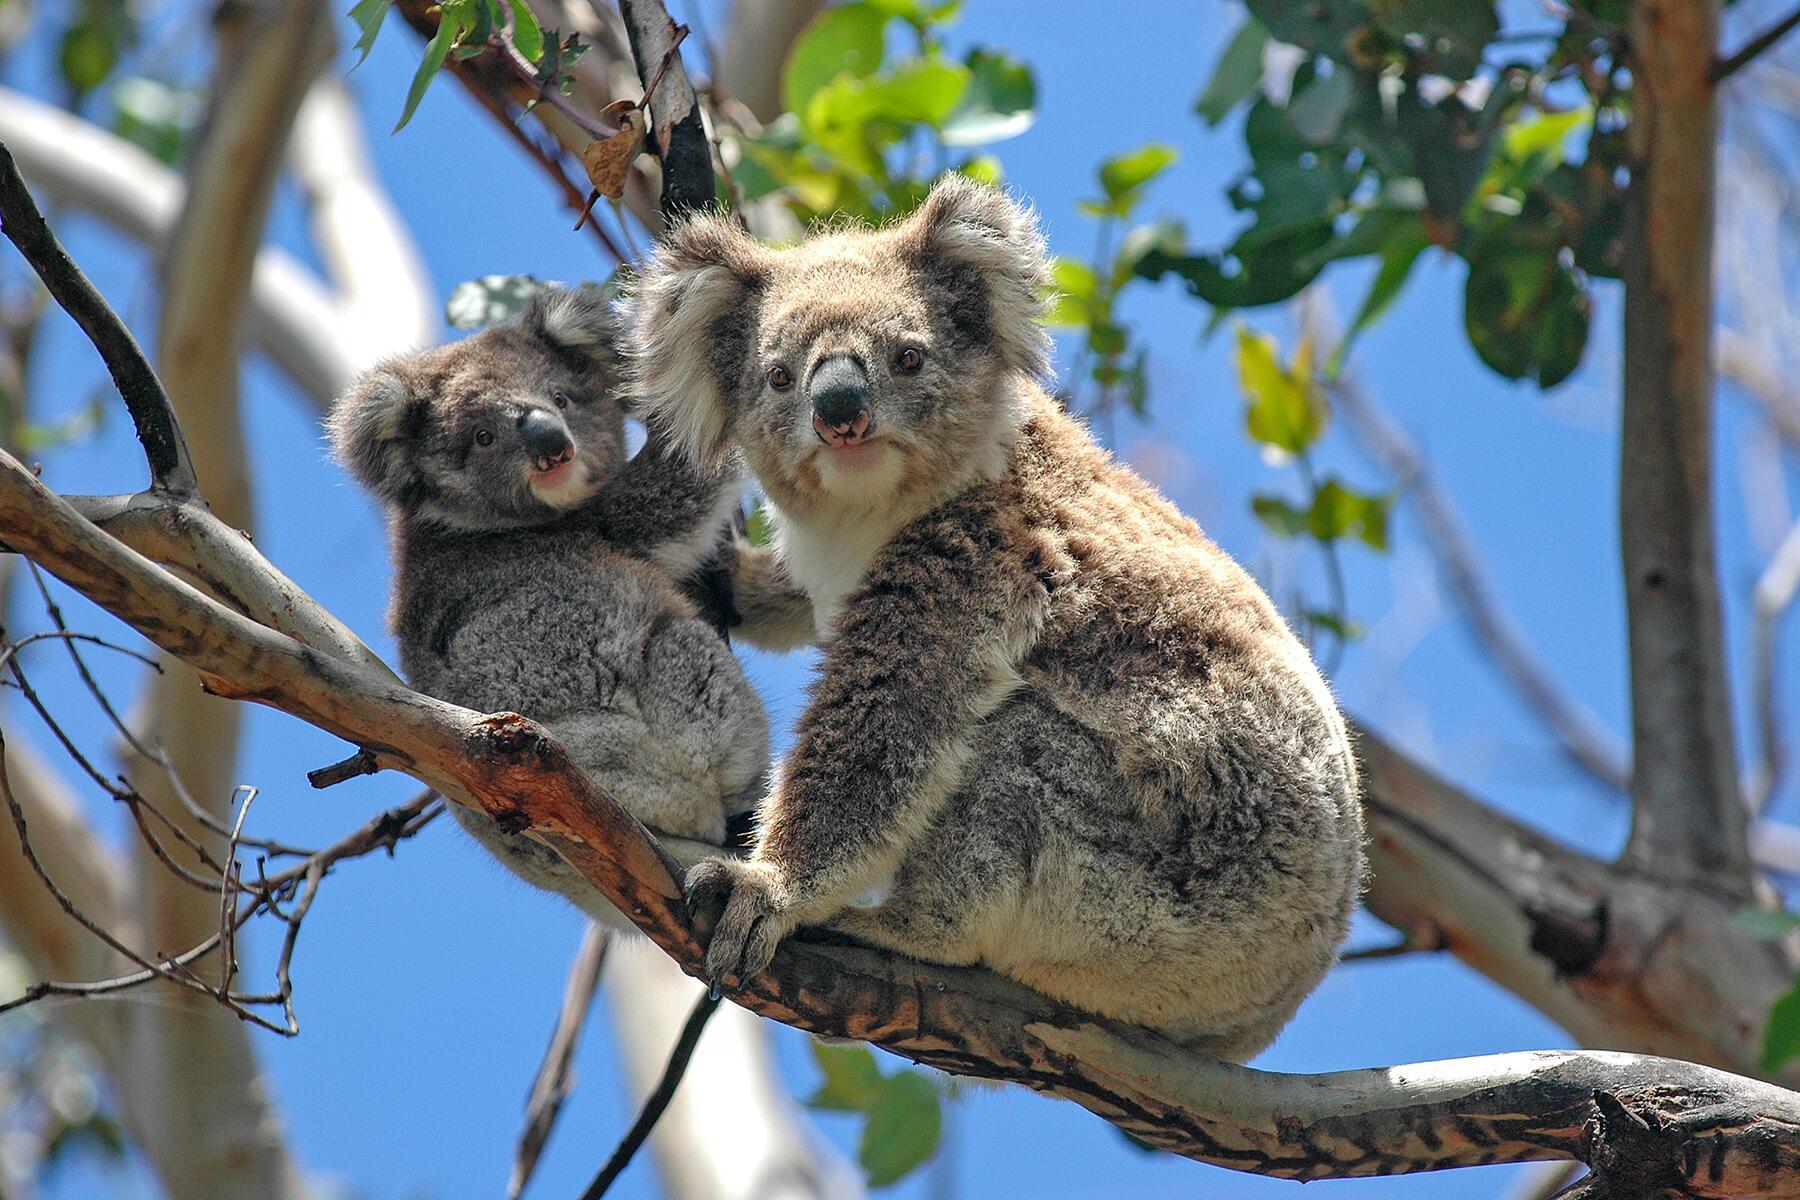 01_AustraliasCutestCubs__Koala_shutterstock_141480565